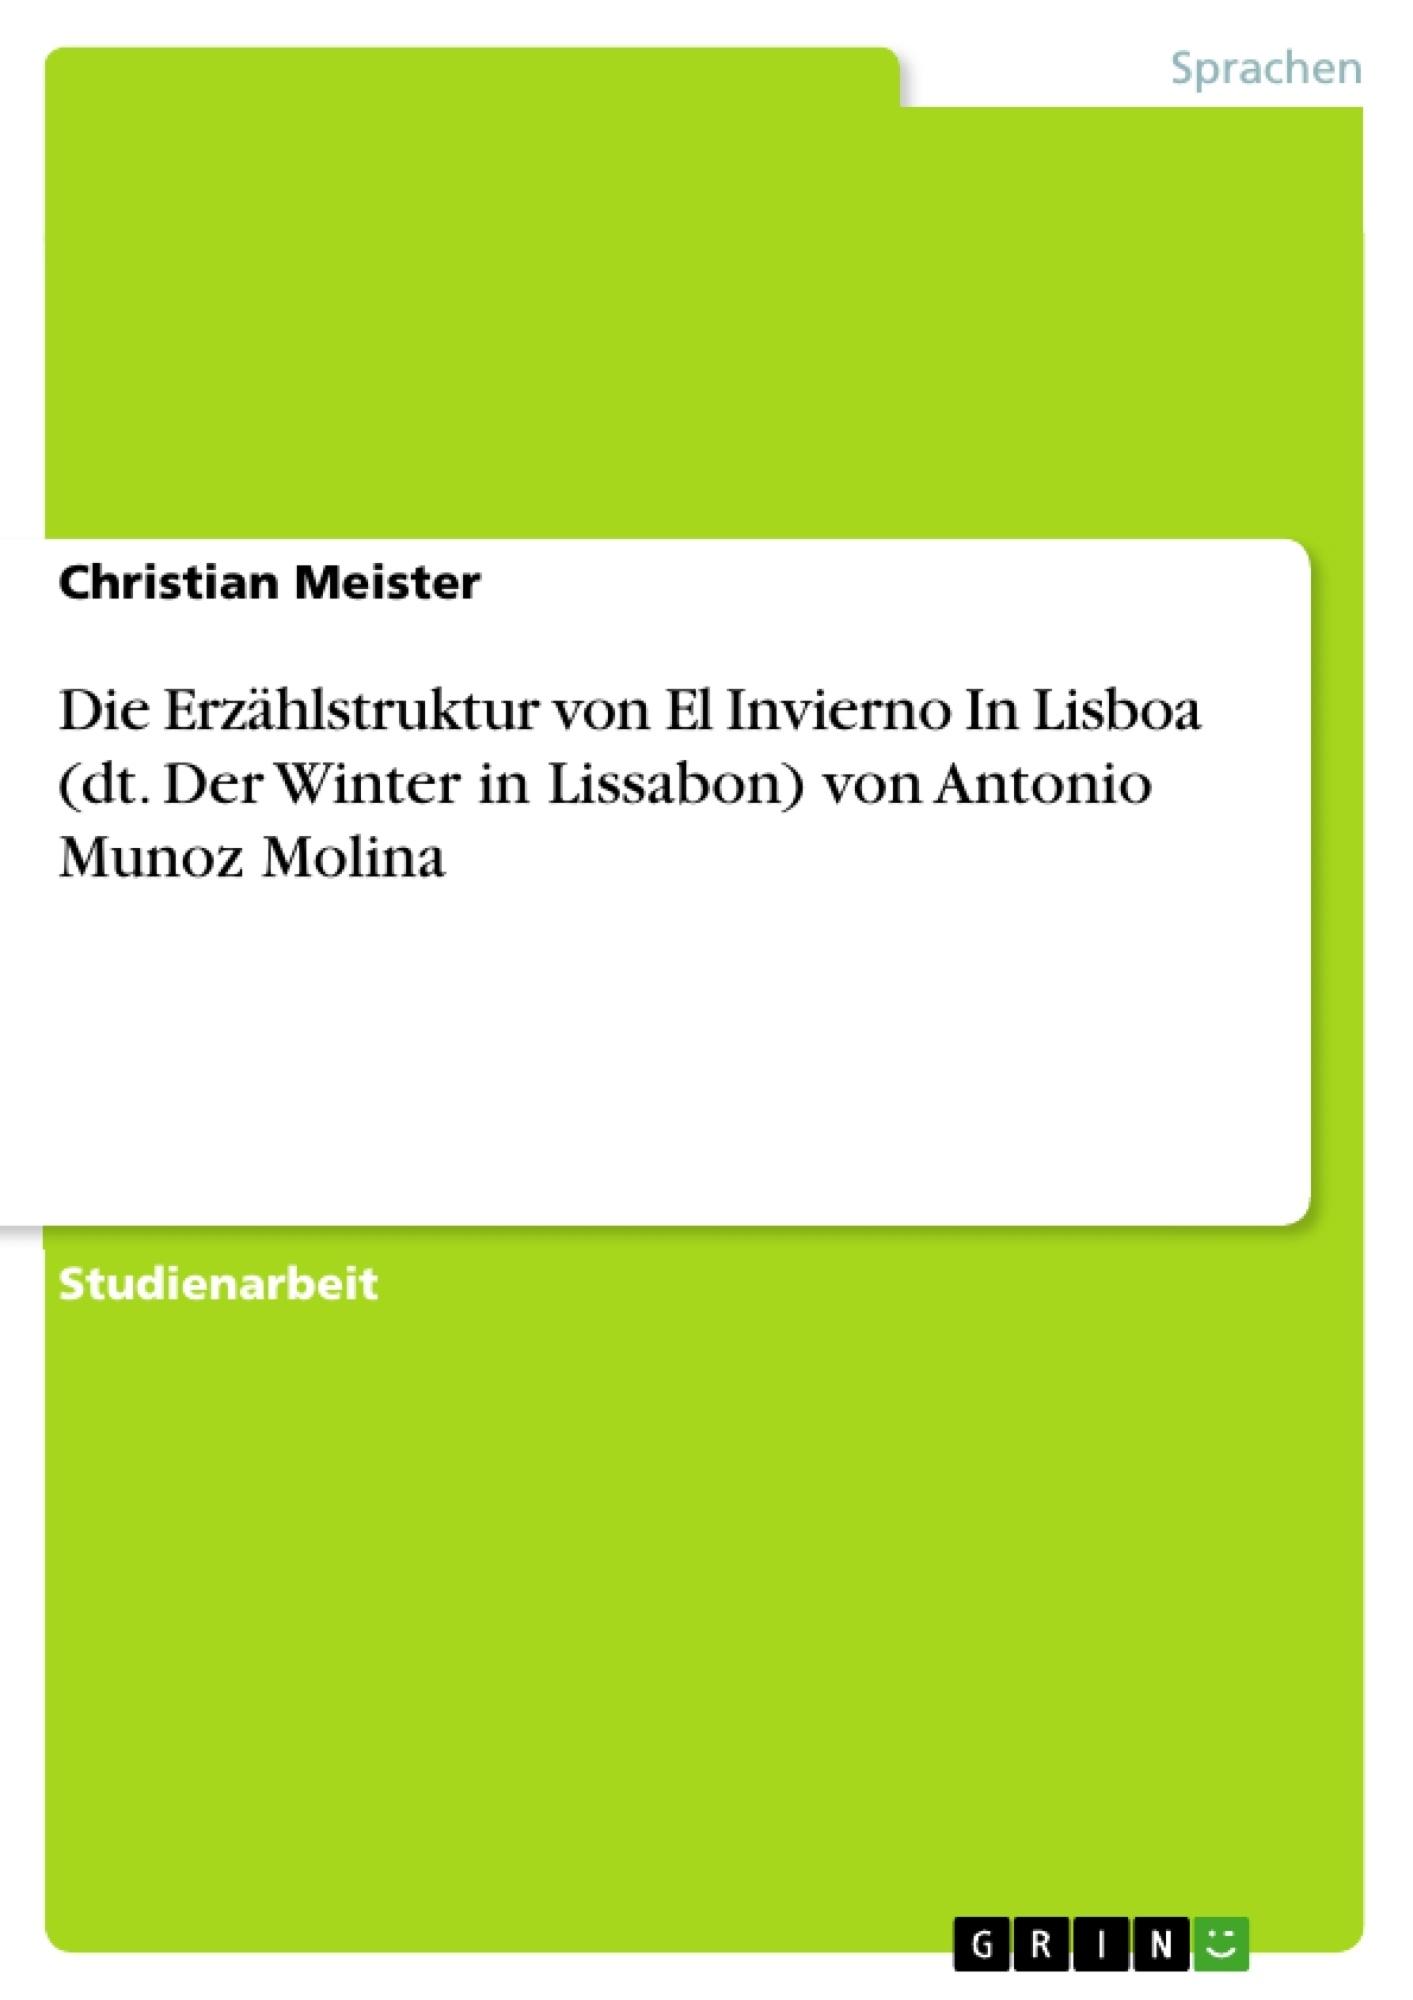 Titel: Die Erzählstruktur von El Invierno In Lisboa (dt. Der Winter in Lissabon) von Antonio Munoz Molina